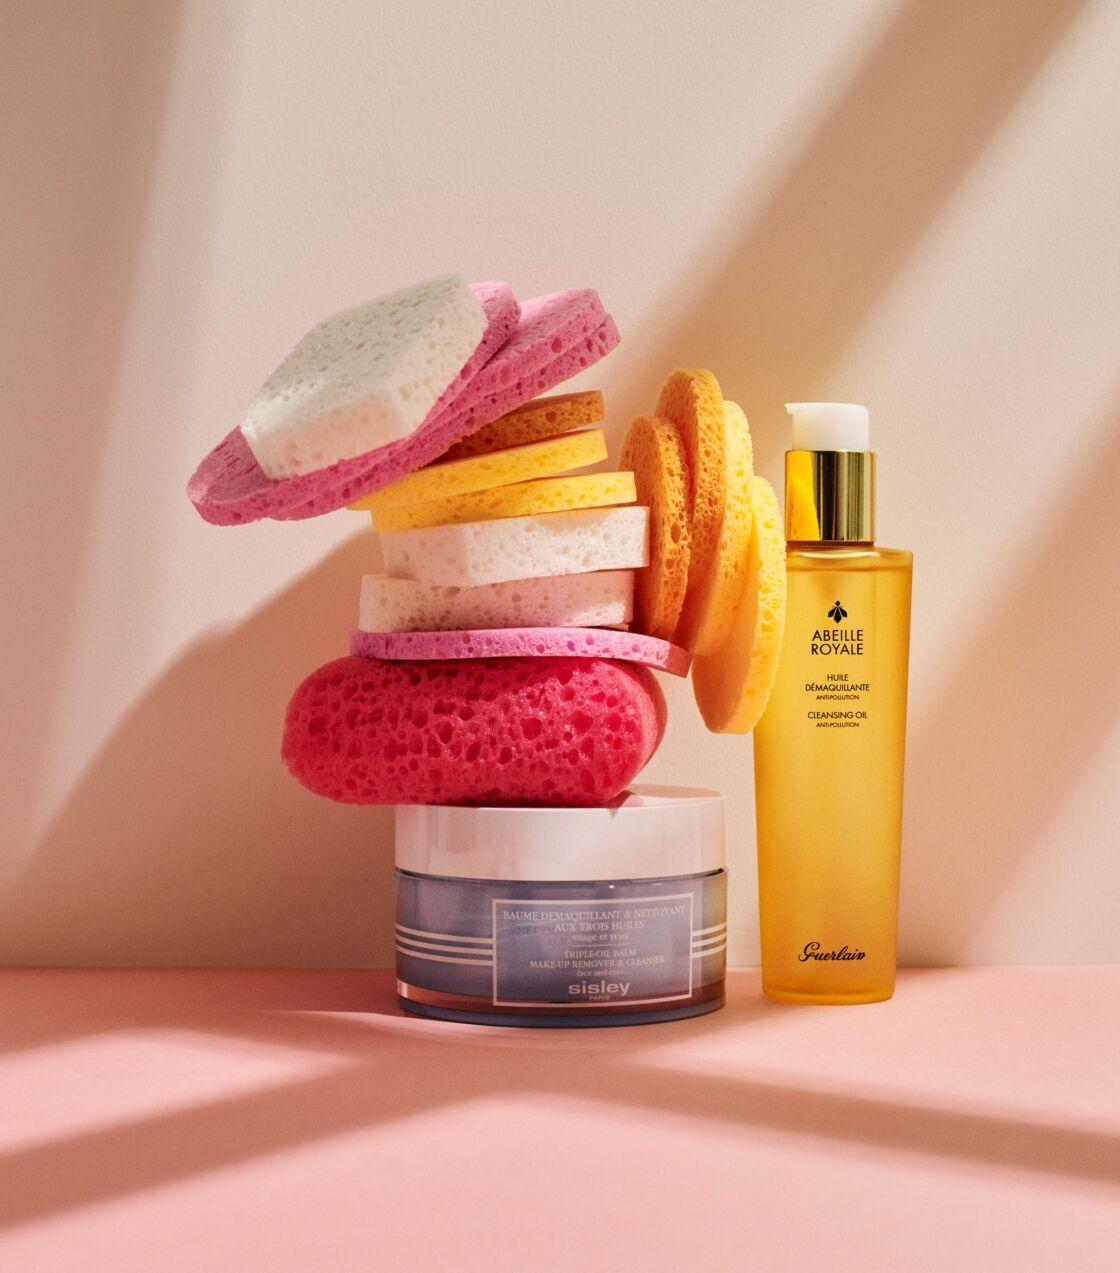 Nettoyer son visage est devenu un geste essentiel, conforté par des formules qui prennent le pas sur le soin